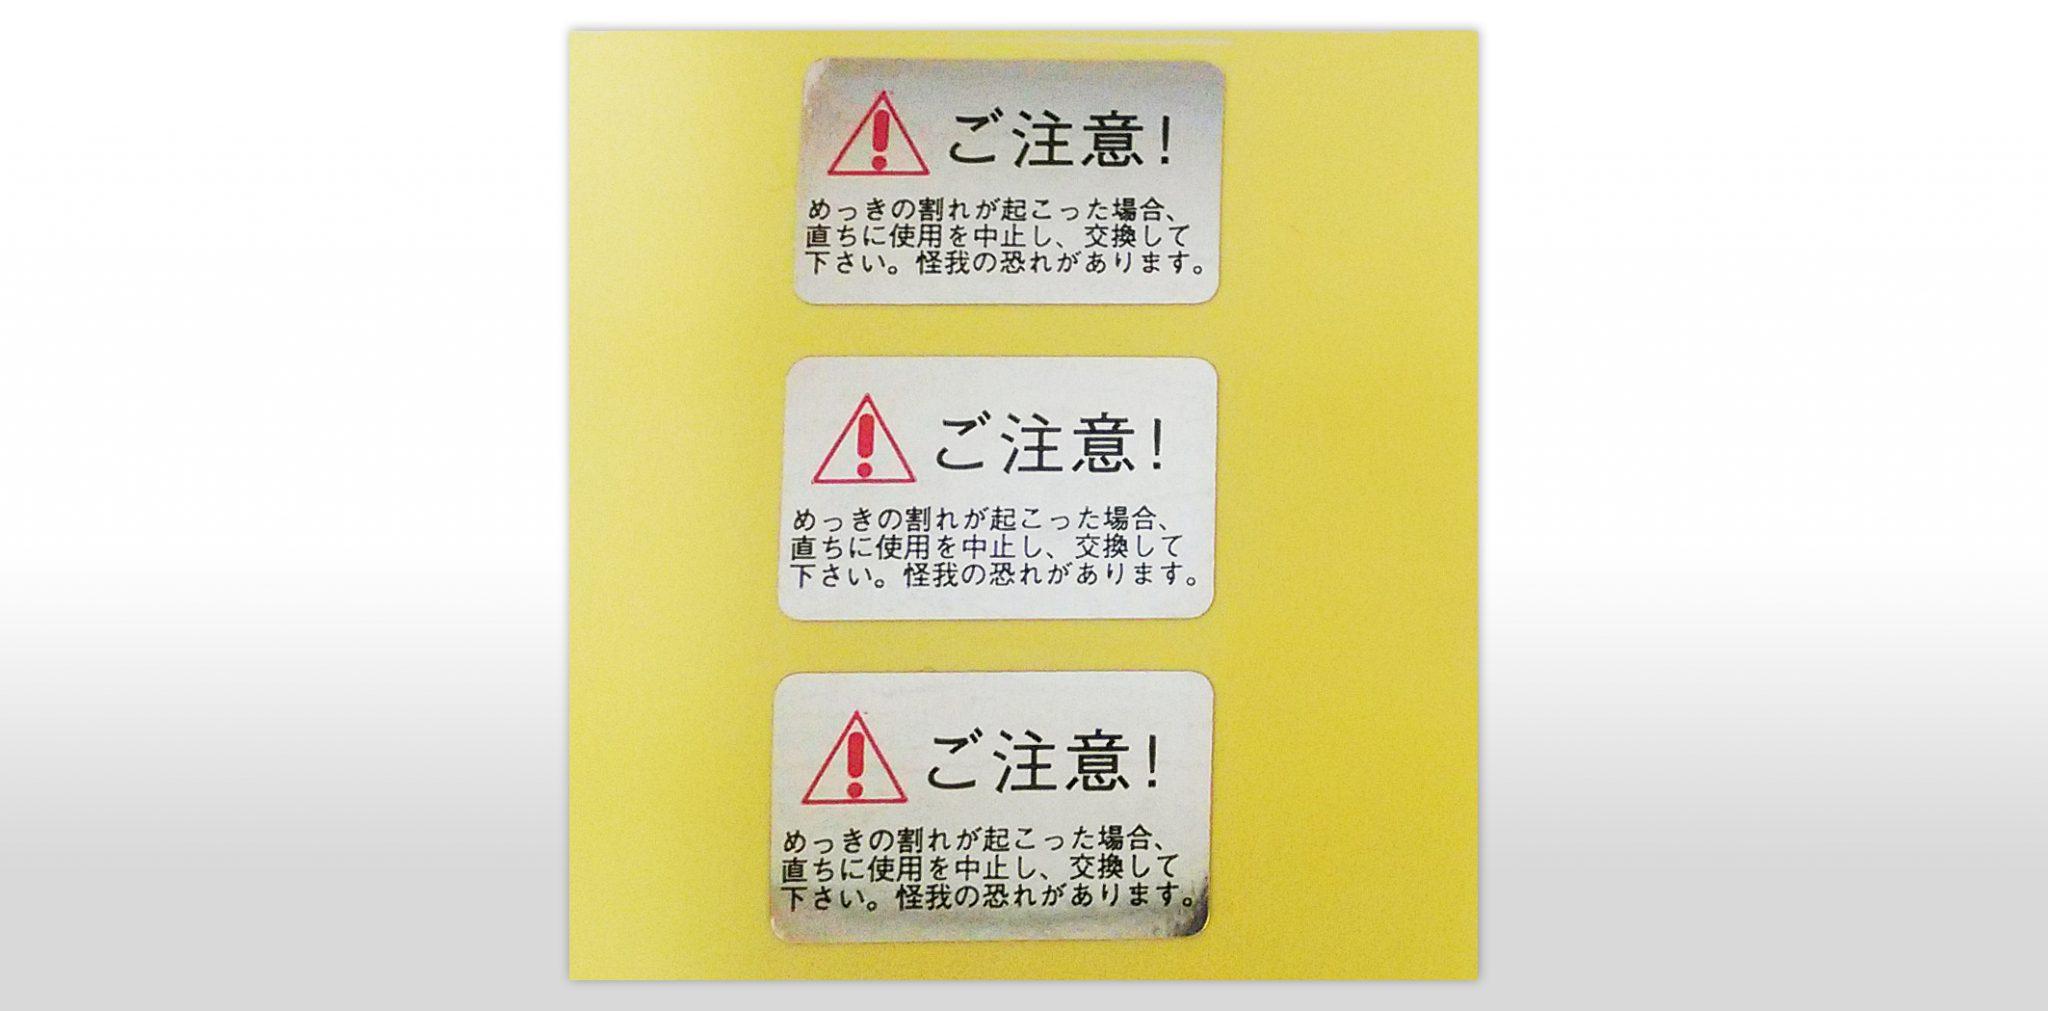 注意事項表示ラベル1